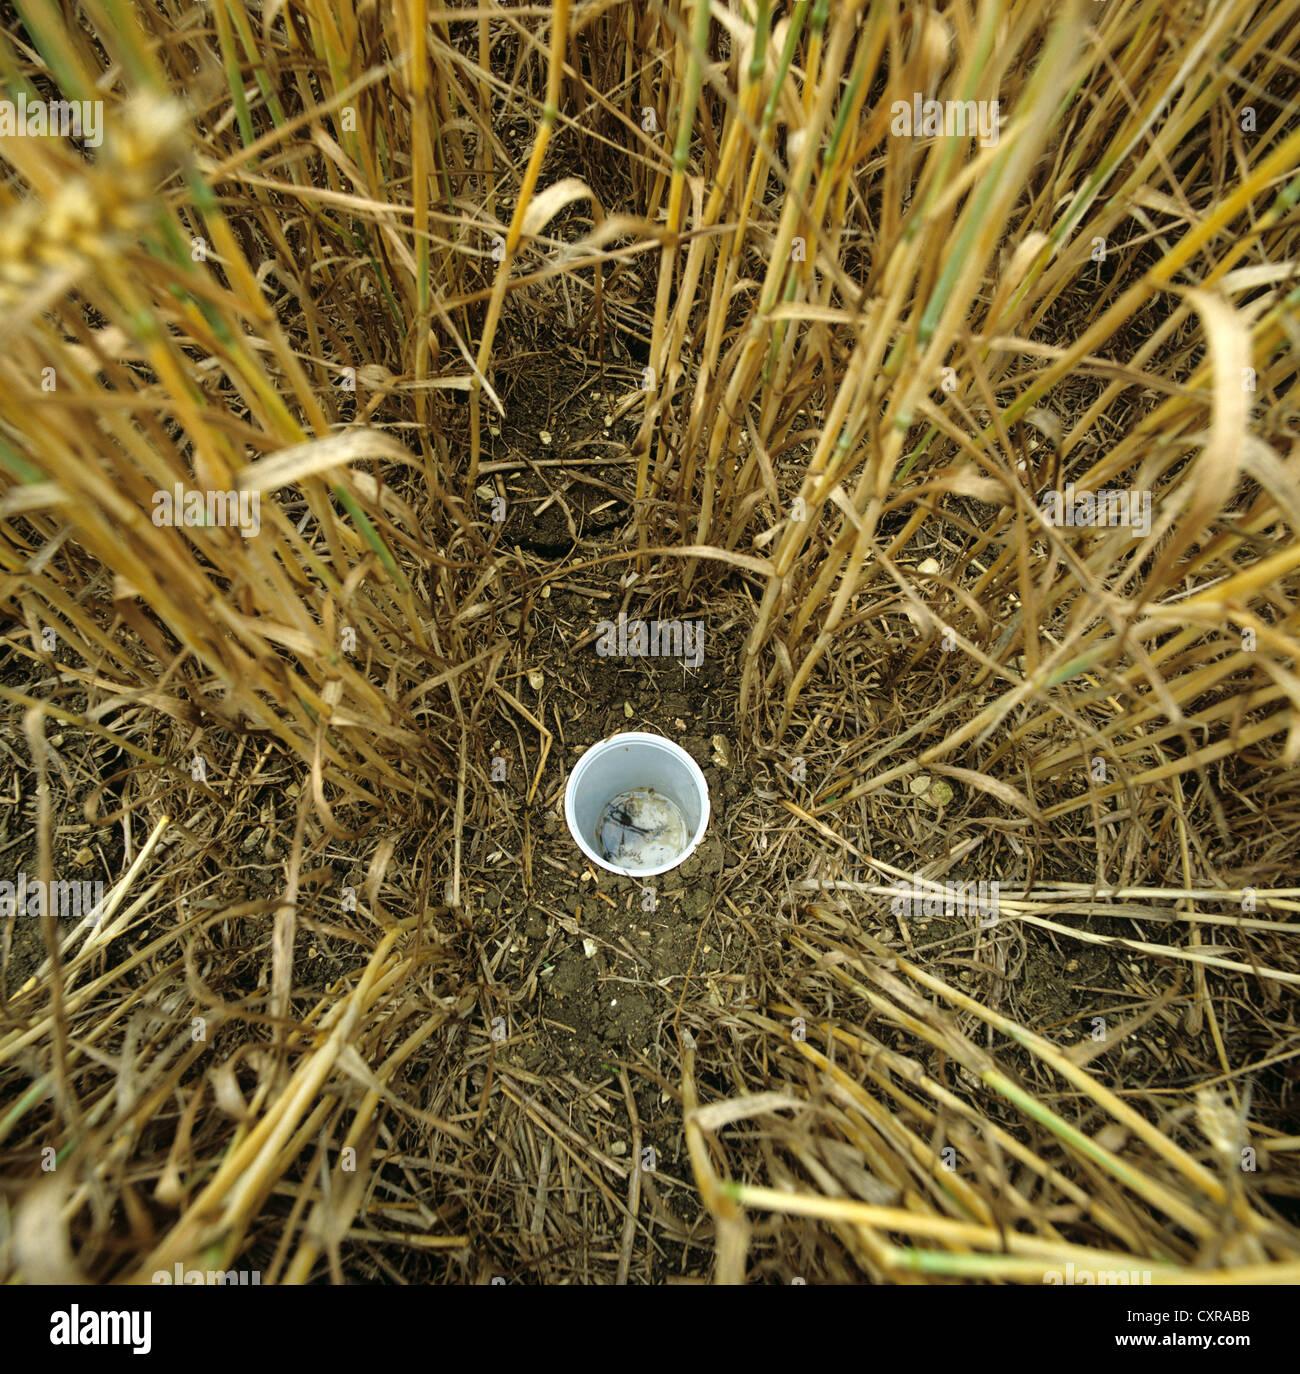 Pitfall Falle für die Überwachung der Boden aktiv Arthropoden Populationen in Reife Weizenernte platziert Stockbild